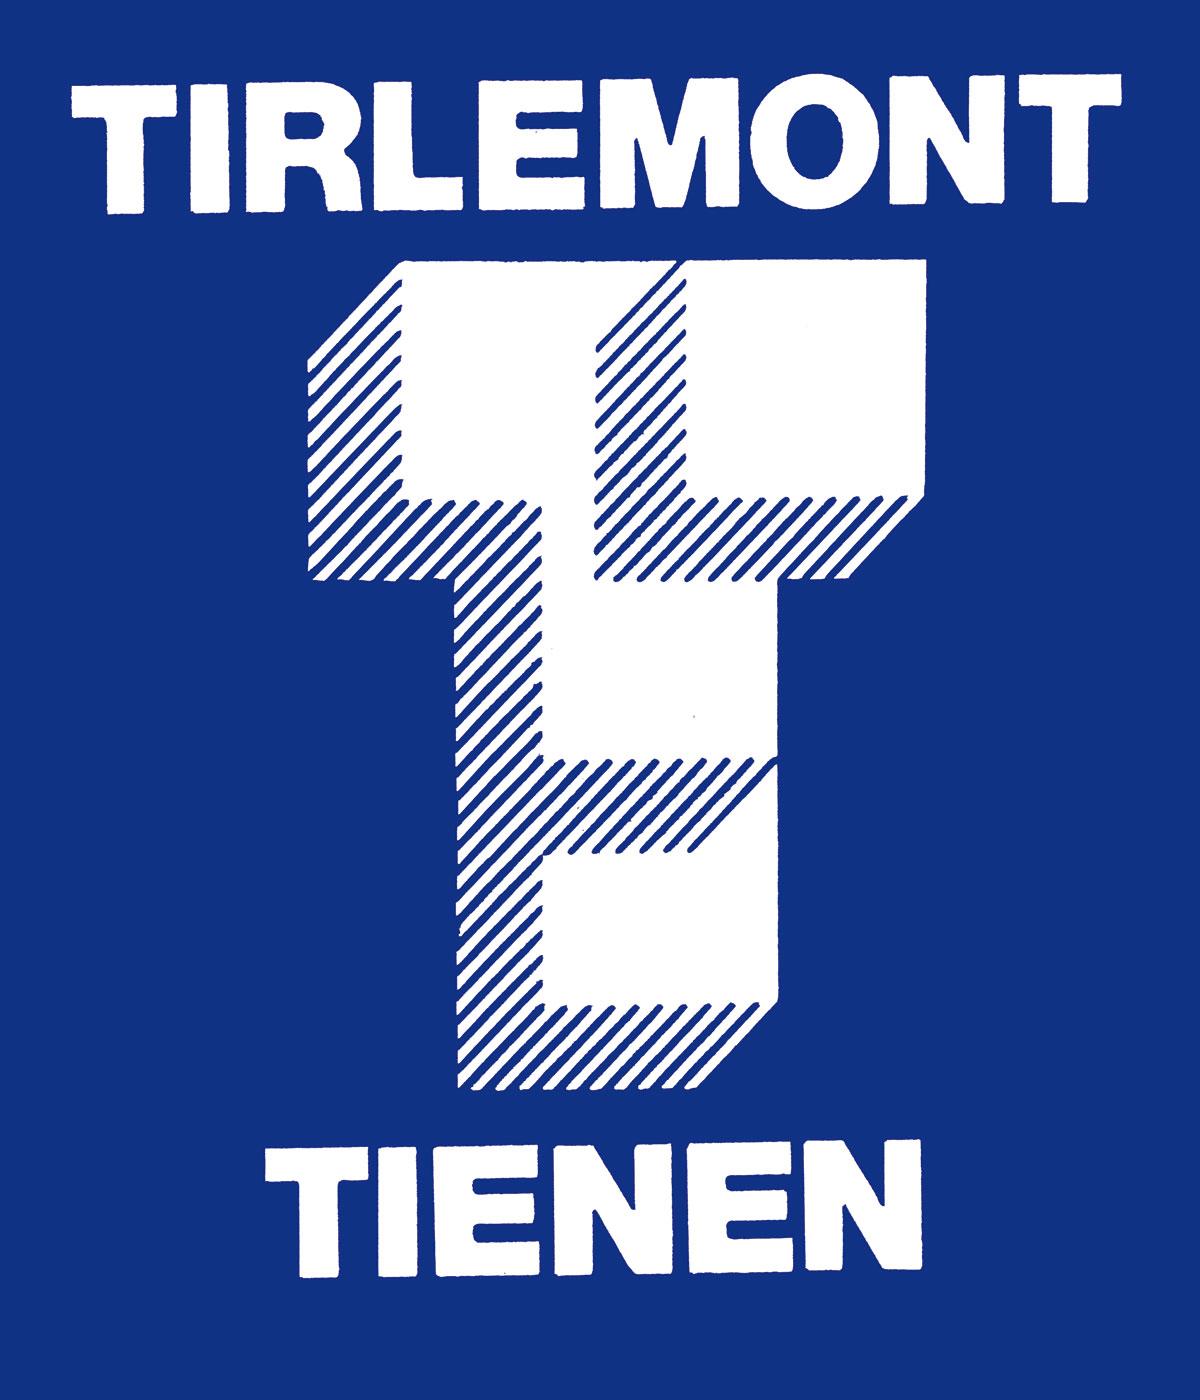 Tirlemont logo